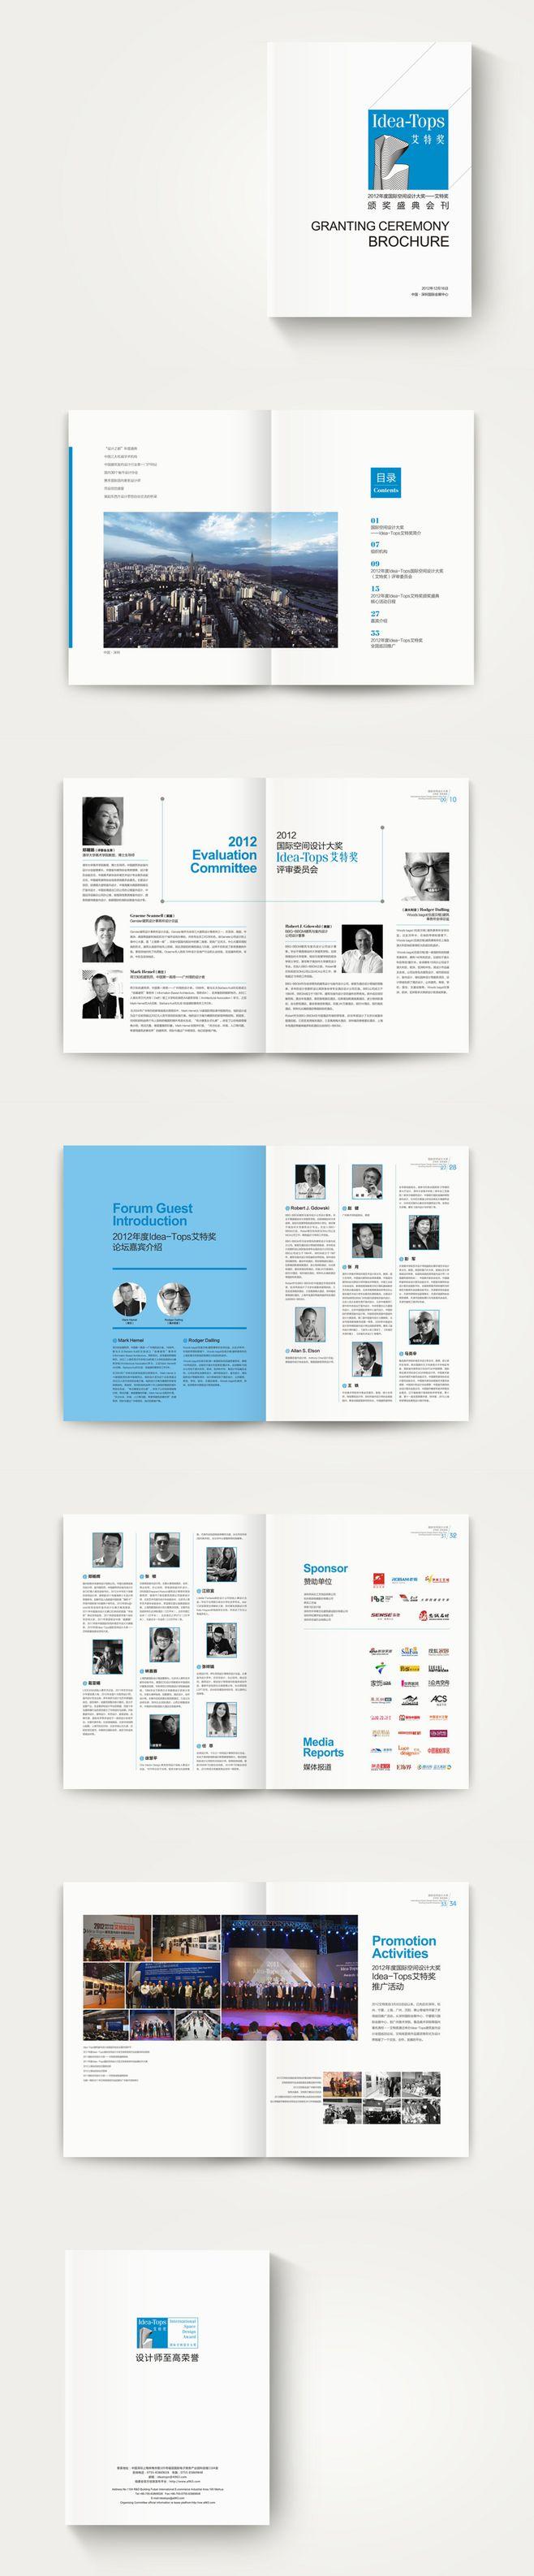 2012年度IDEA-TOPS艾特奖颁奖...